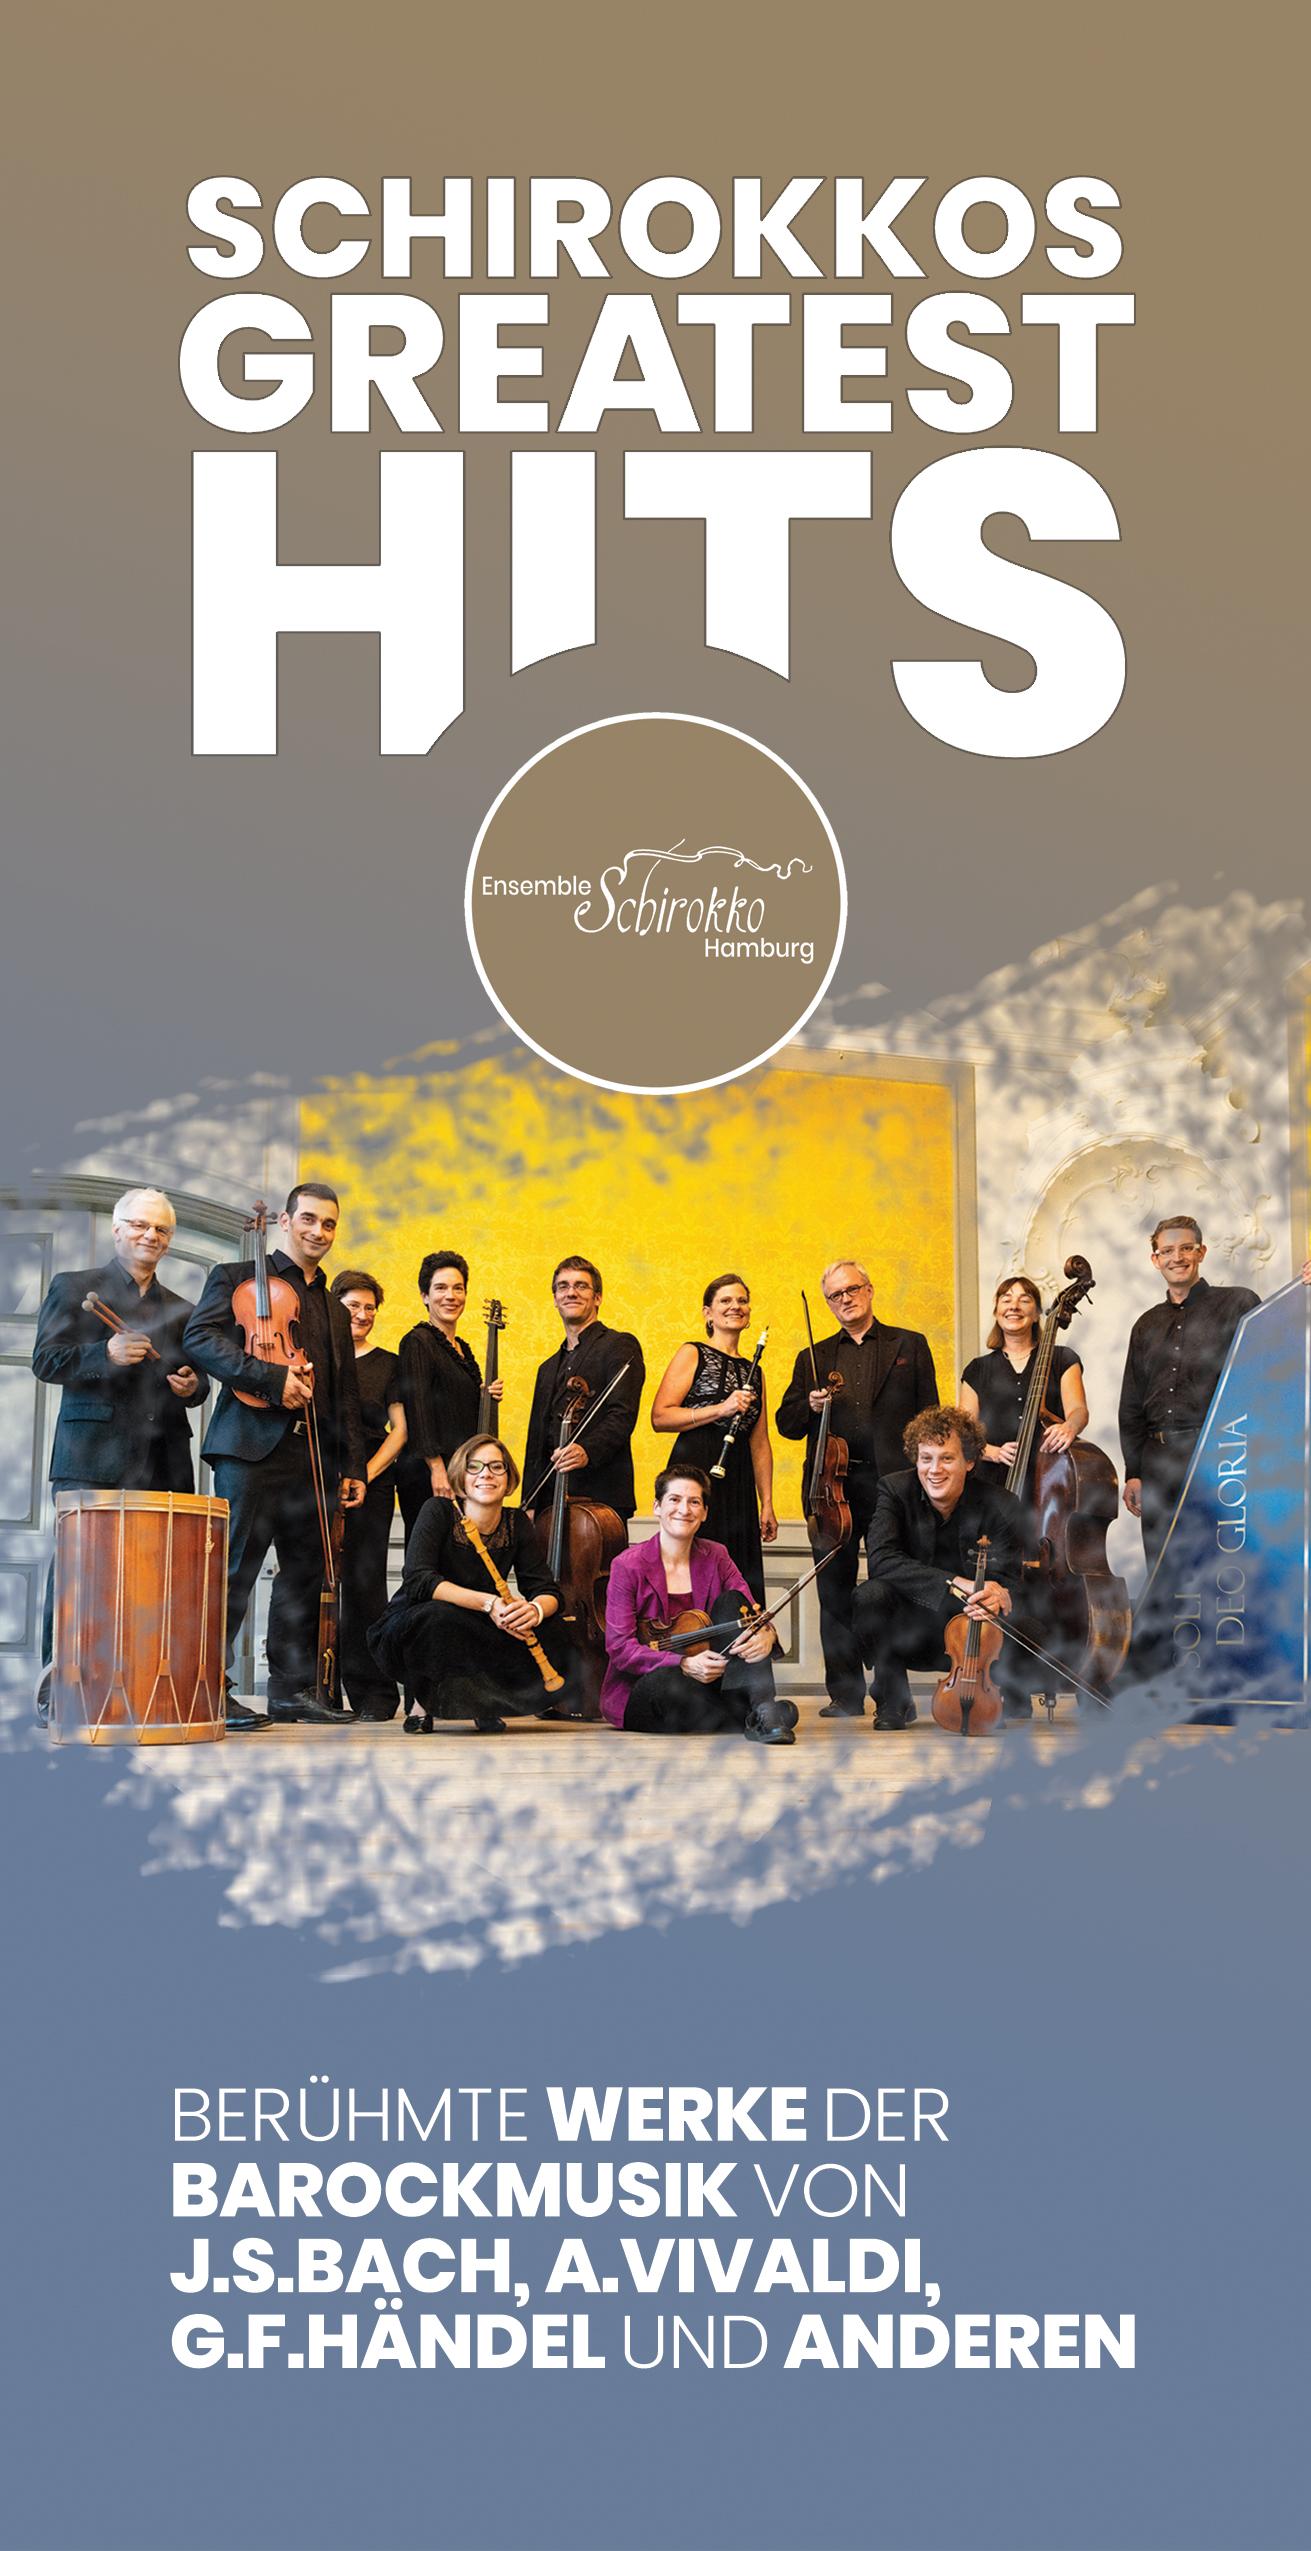 Schirokkos Greatest Hits im Rahmen der PLAYLIST-Konzerte